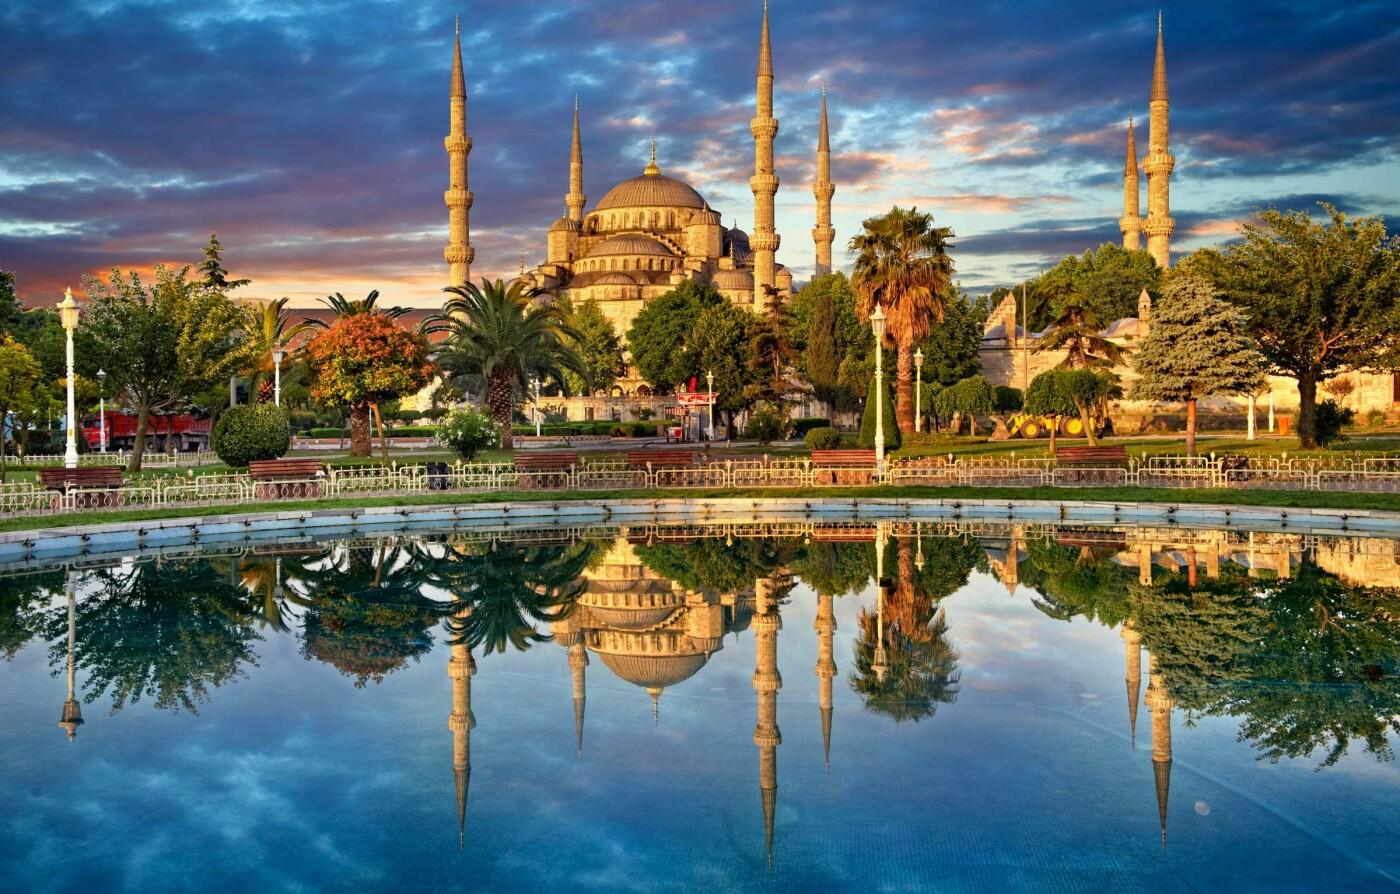 Туреччина, Єгипет та Болгарія. Де частіше за все відпочивають українці, фото-1